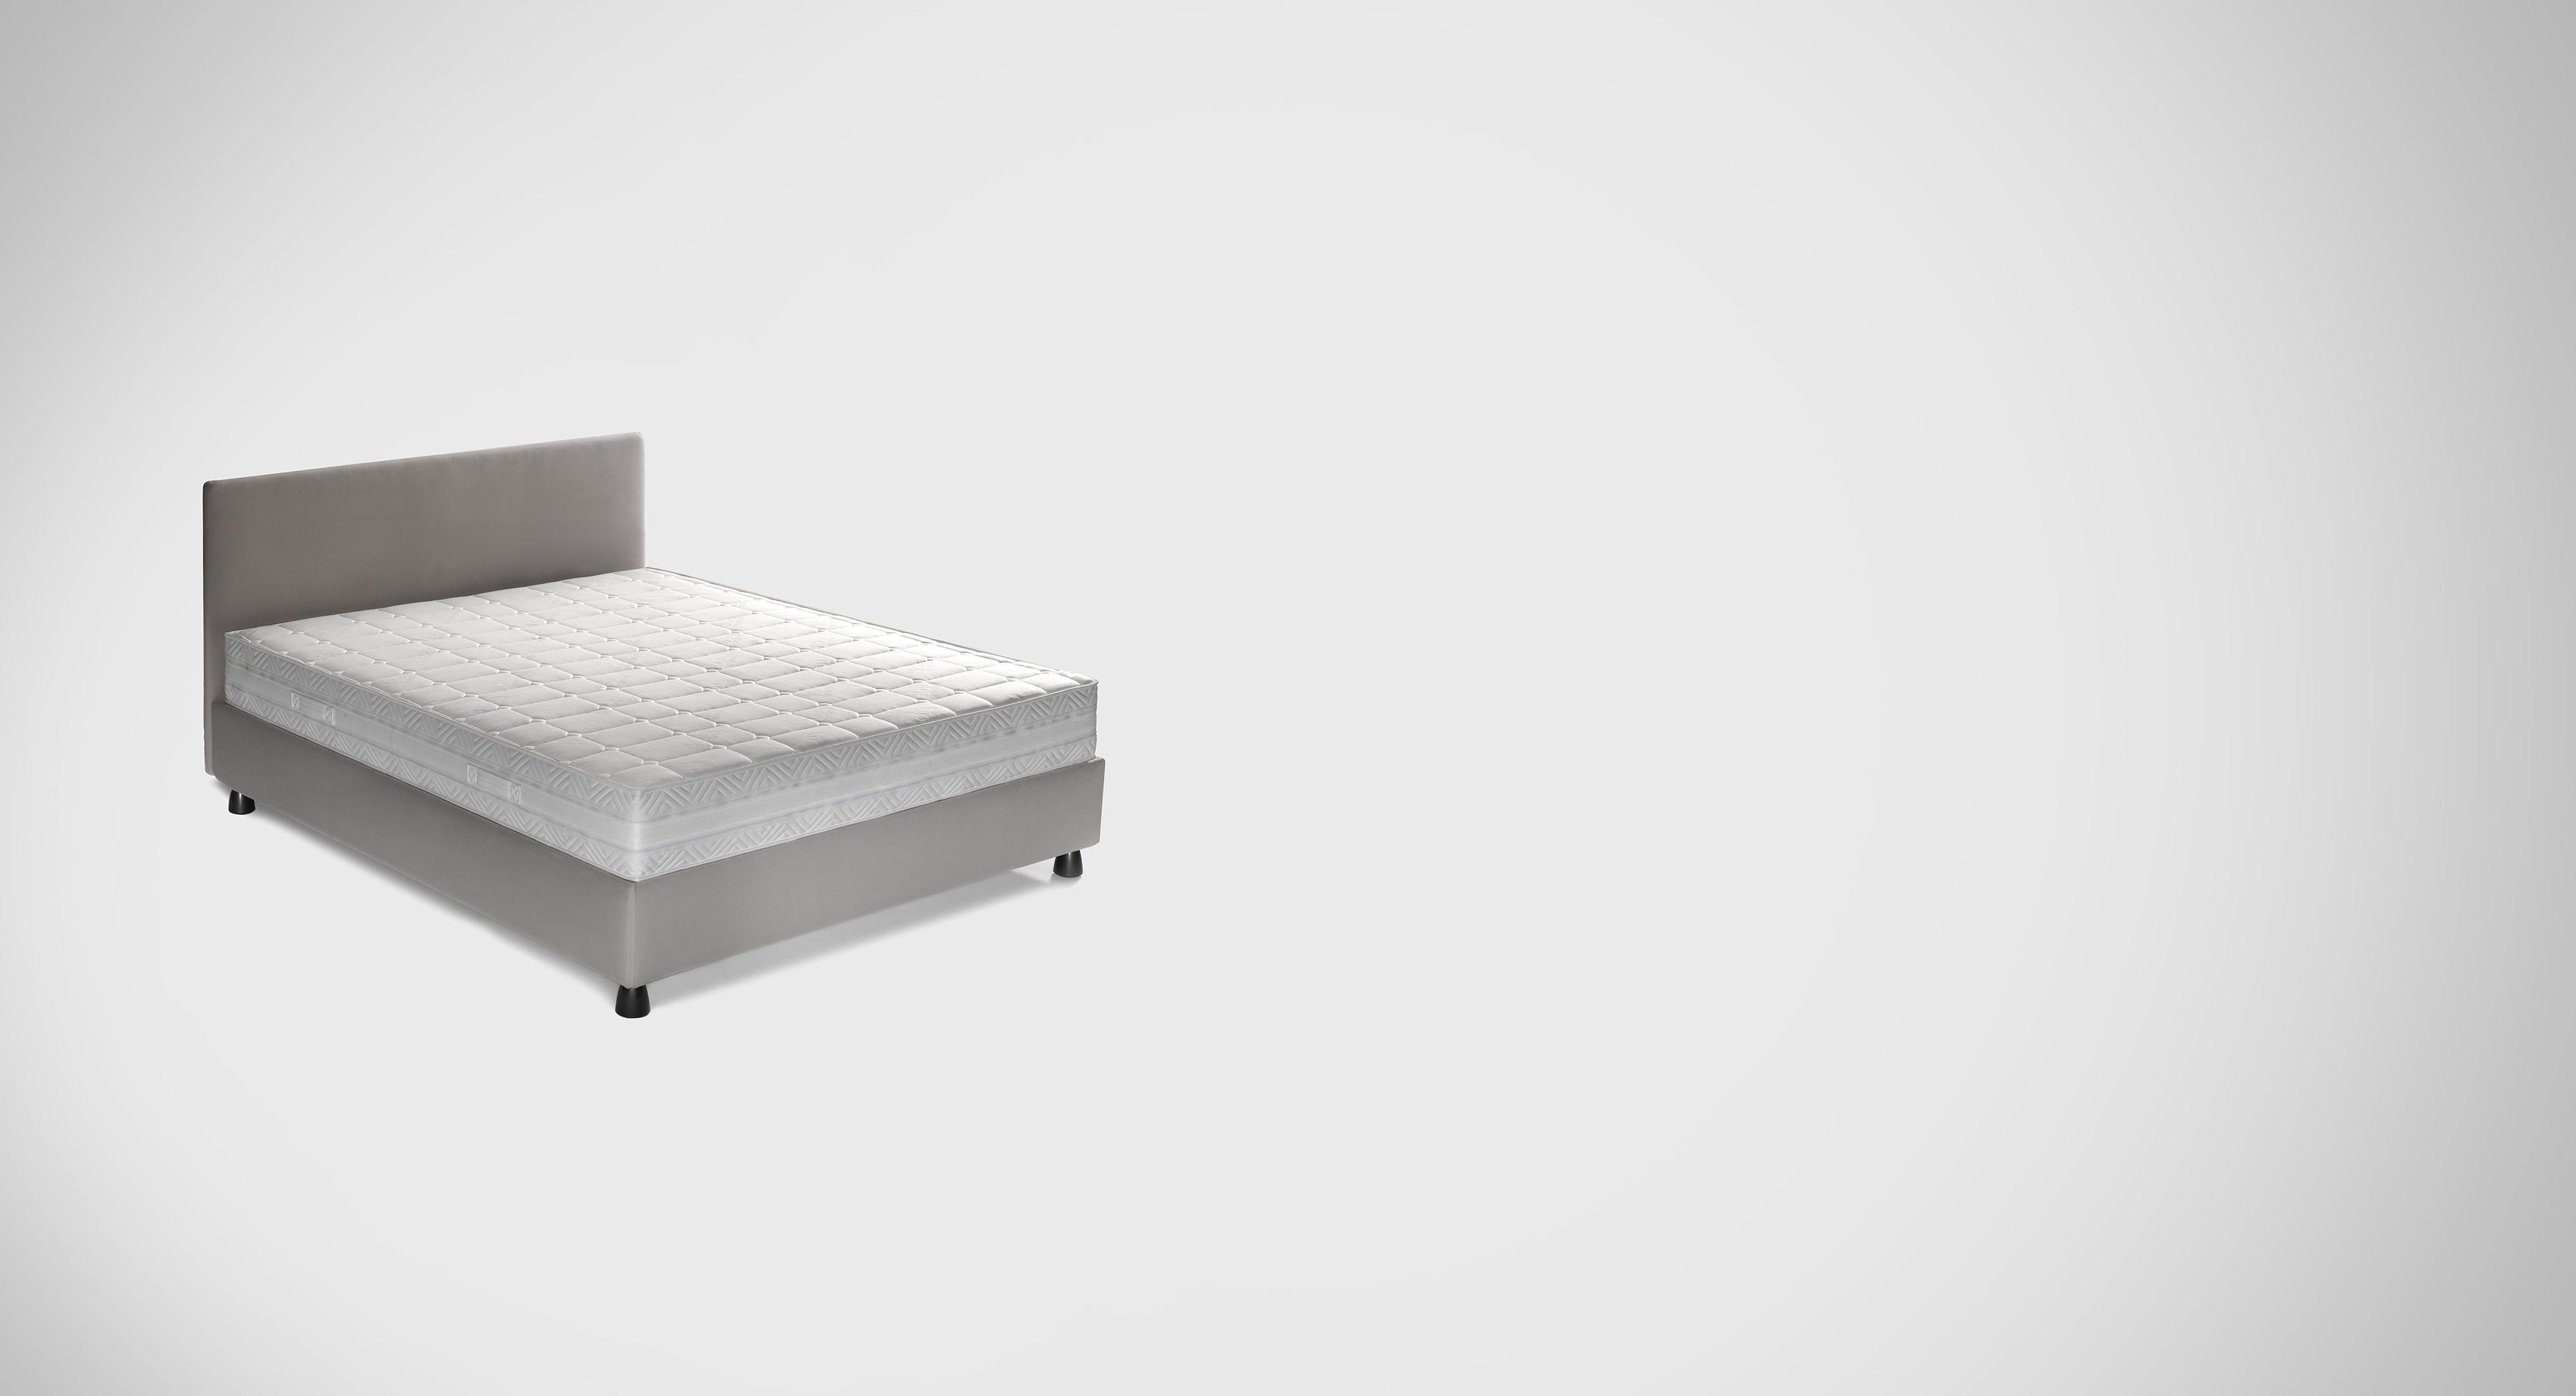 Letto singolo misure standard misure standard materasso piazza e